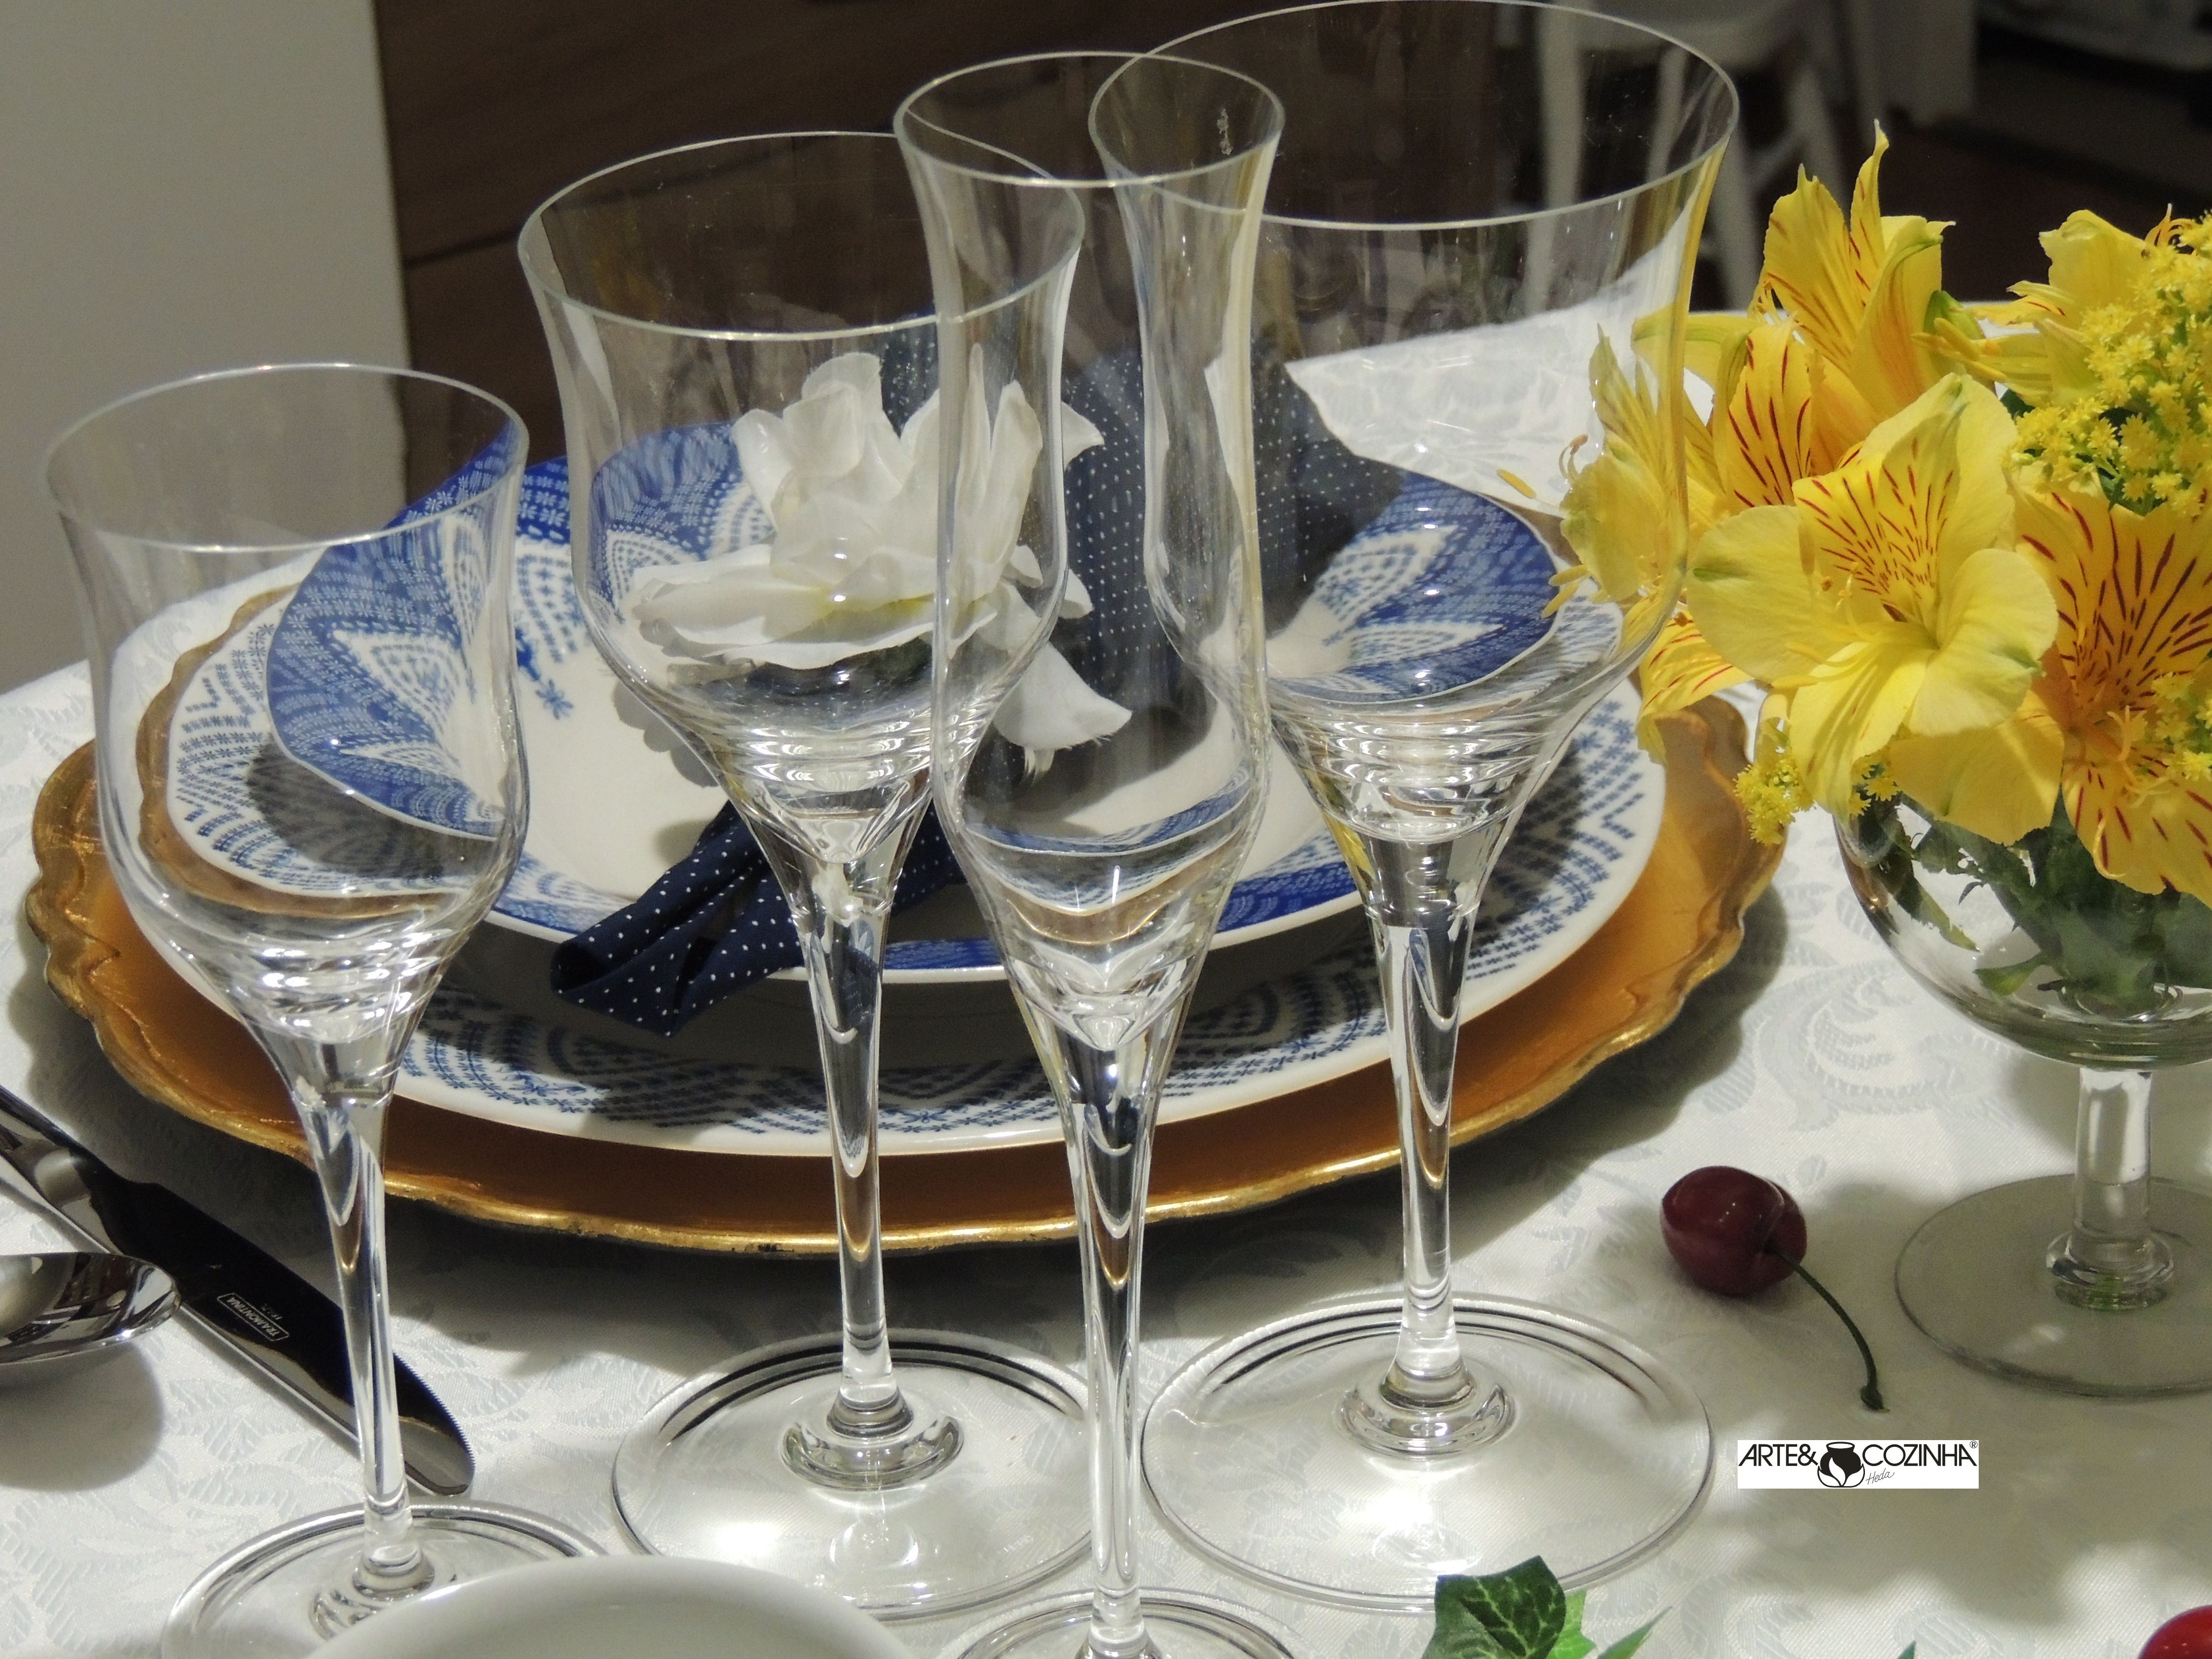 As taças mais nobres são as de cristal, conhecidas pelo brilho, transparência, paredes finas e brilhantes. Assim o sabor da bebida fica mais agradável.  Para cada vinho, uma taça.   O uso dos copos é determinado, antes de tudo, pelo tipo de bebida a ser servido.  *Taças Oxford Crystal (oxfordporcelanas.com.br) Decoração da mesa:Heda Seffrin Fotografia:Simone Seffrin